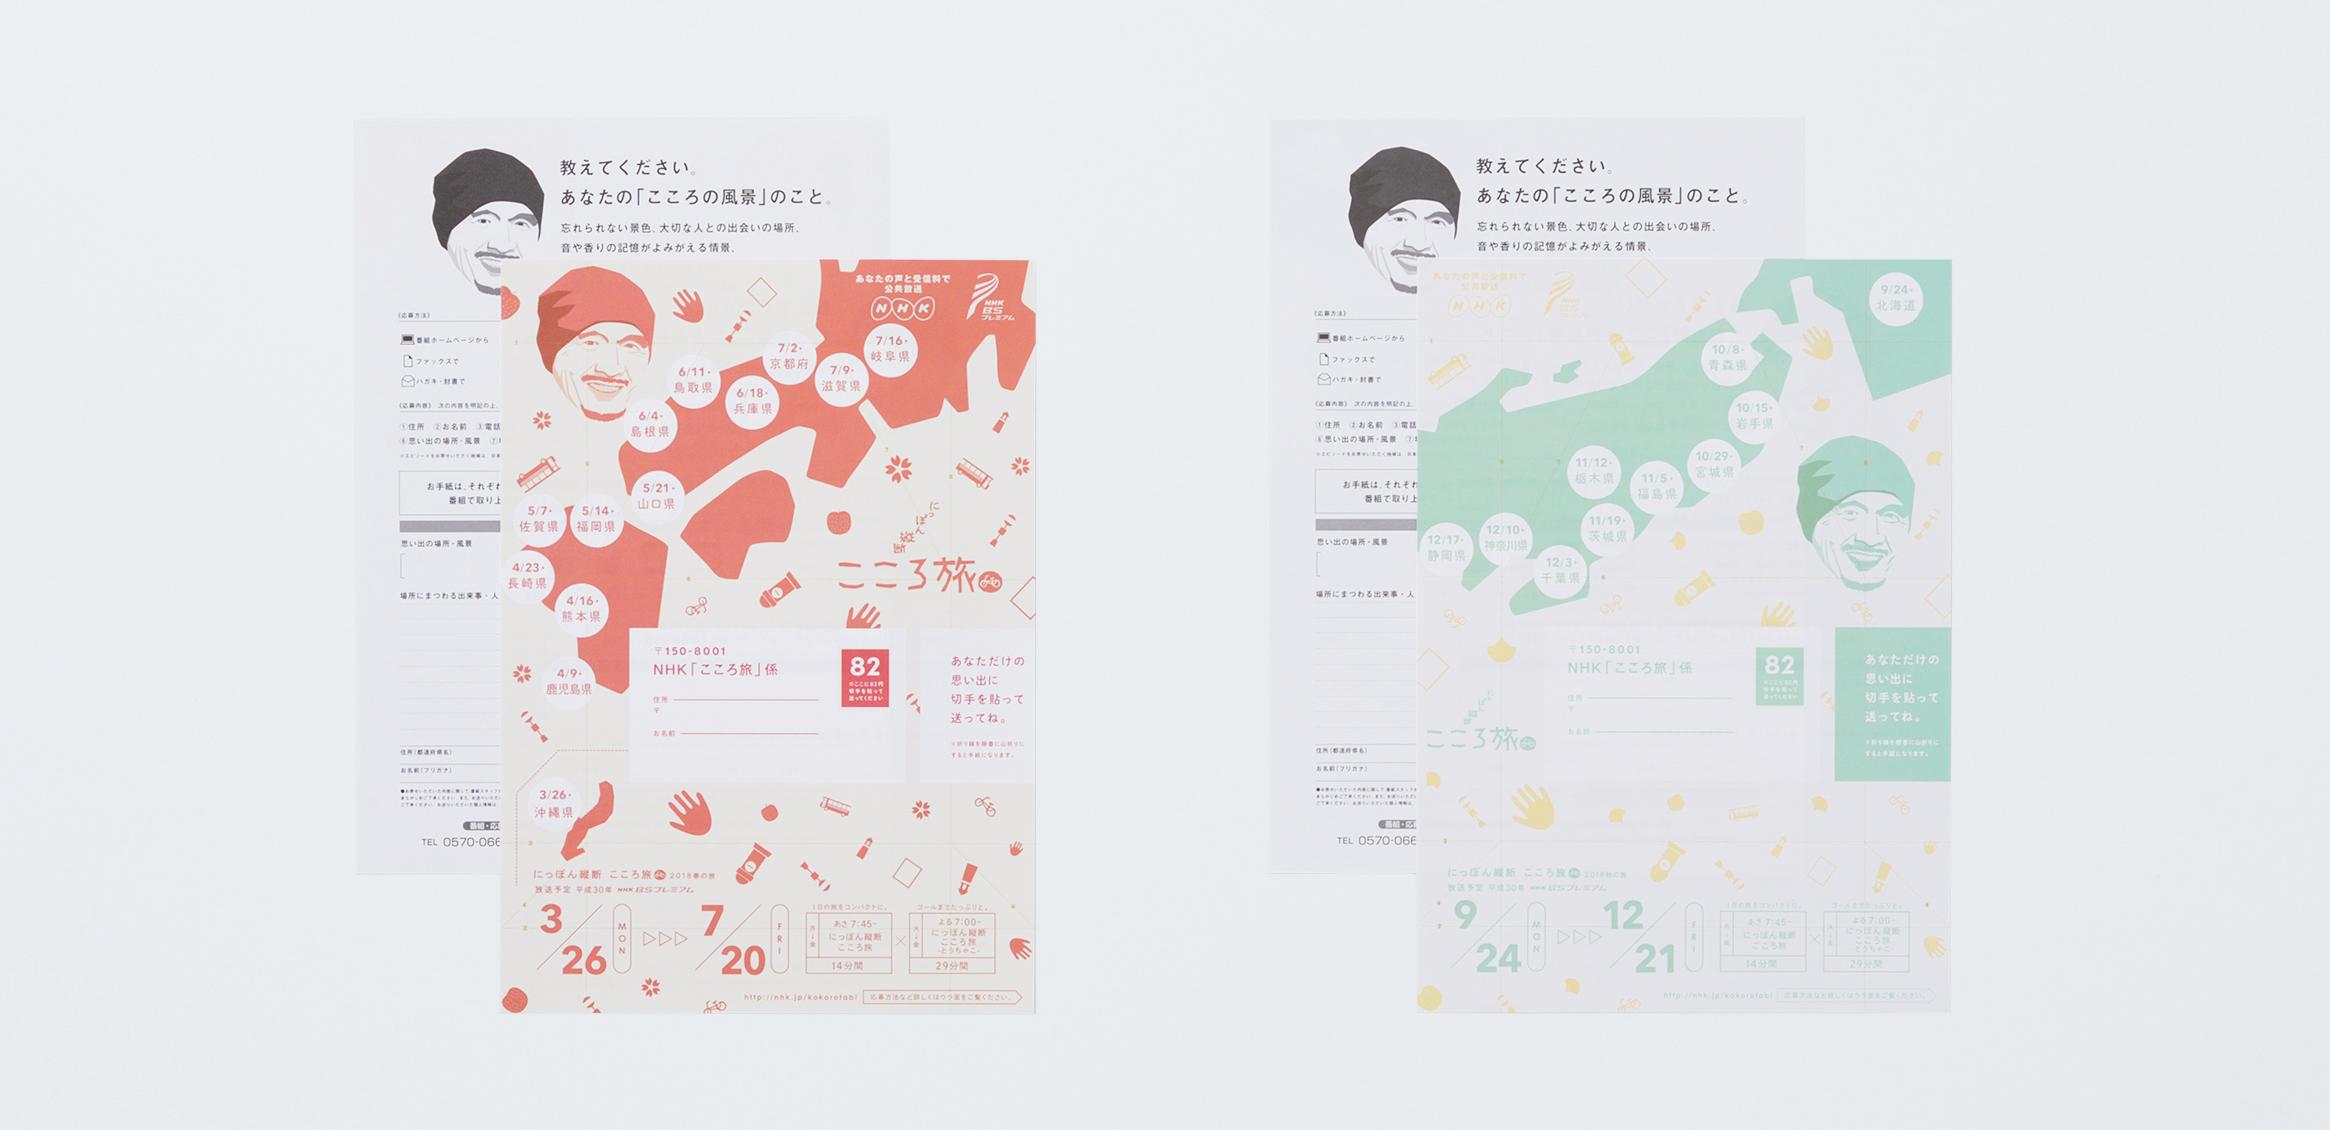 NHK BSプレミアム「にっぽん縦断 こころ旅2018」4枚目